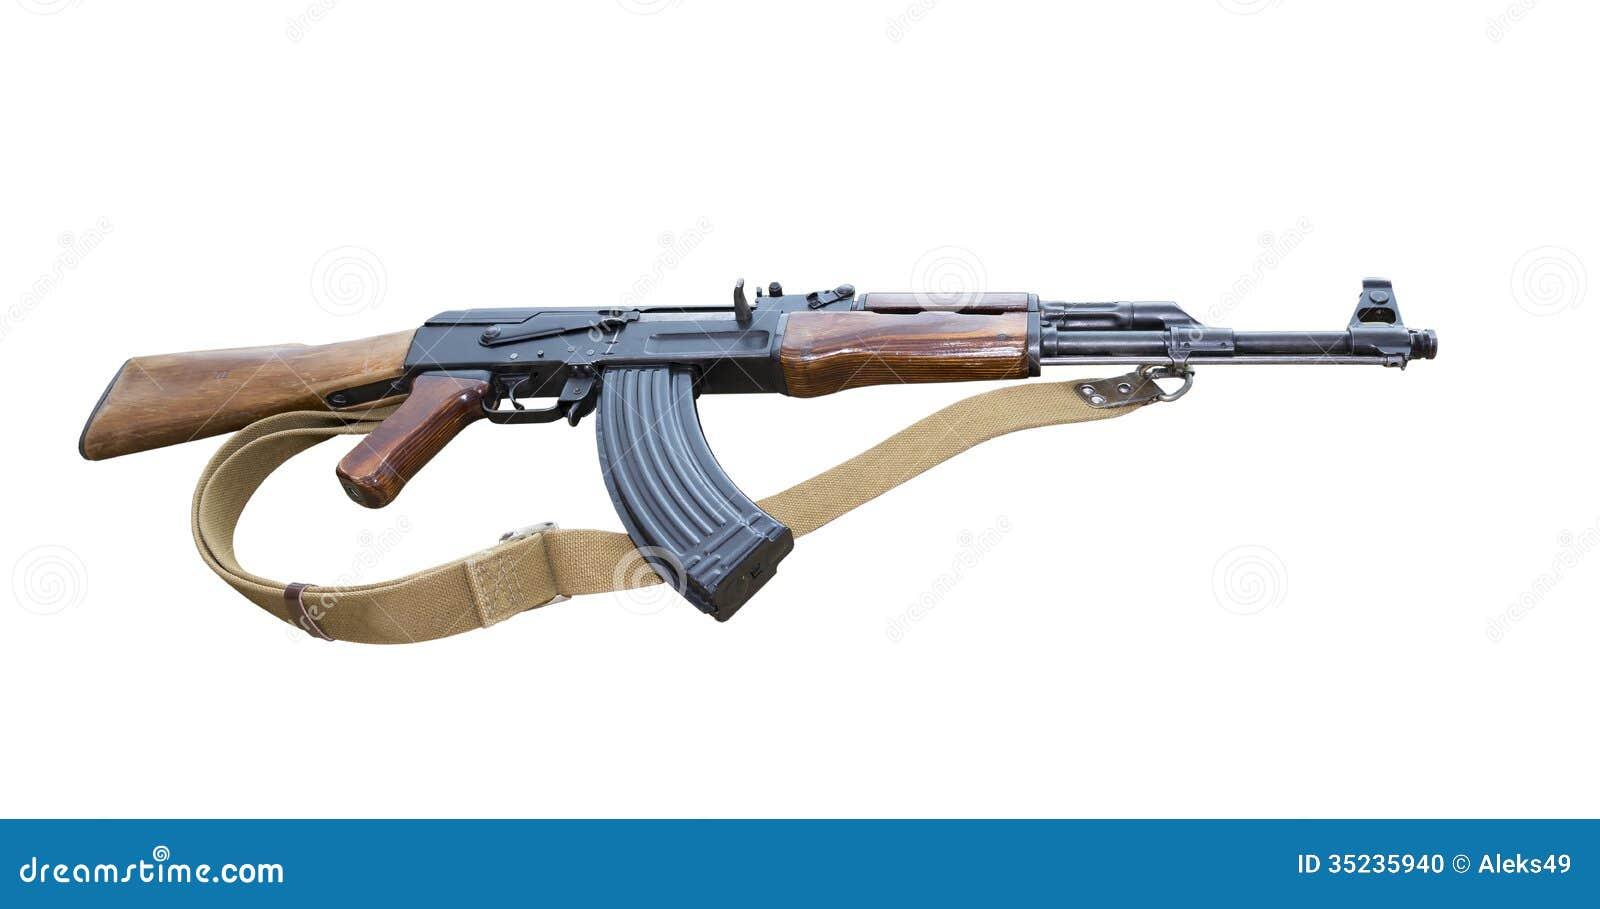 Складчатость штурмовой винтовки автомата Калашниковаа